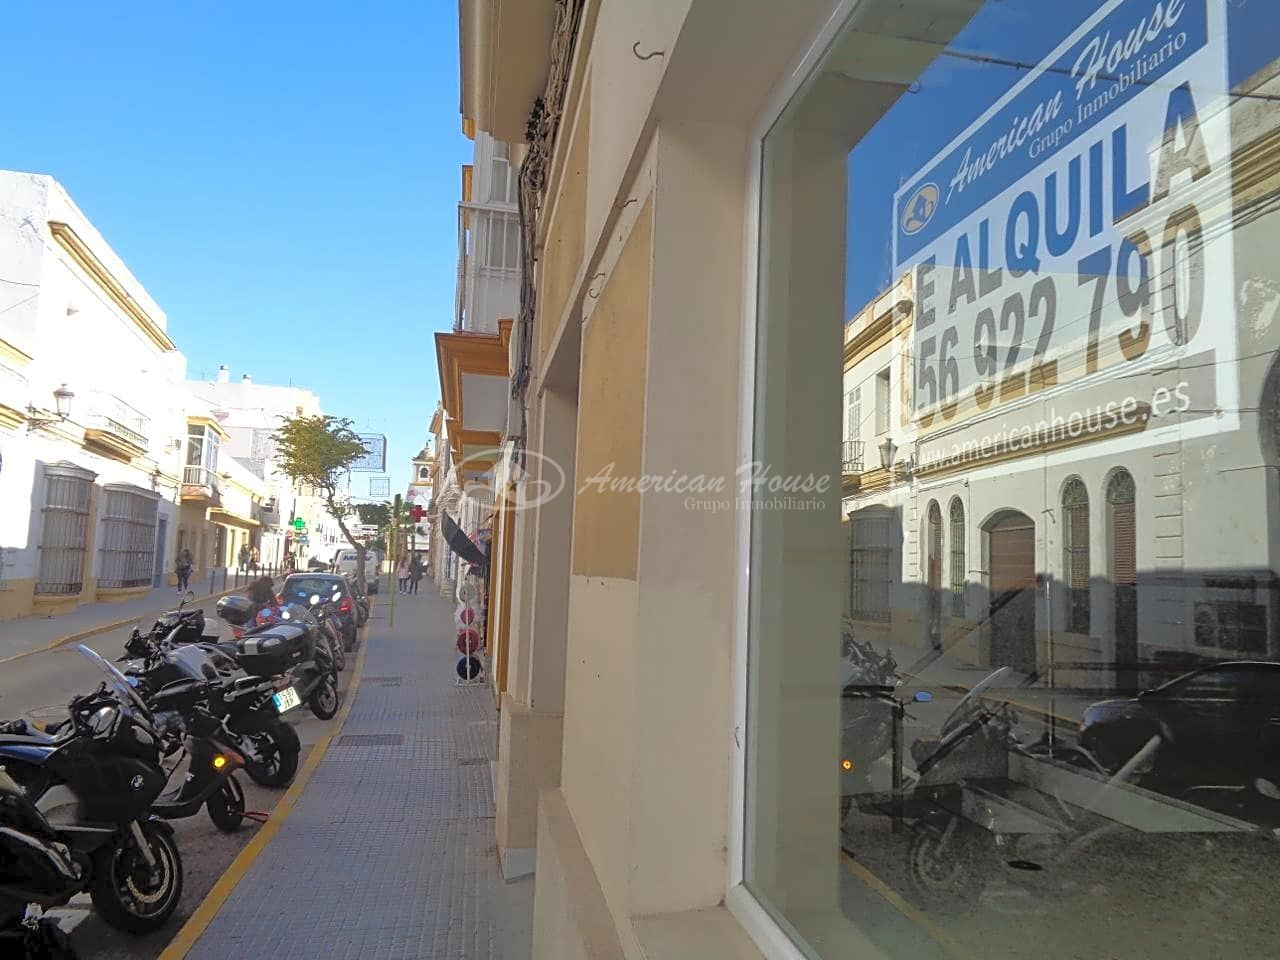 Se alquila gran local en pleno centro de Chiclana de la Fra, Cádiz